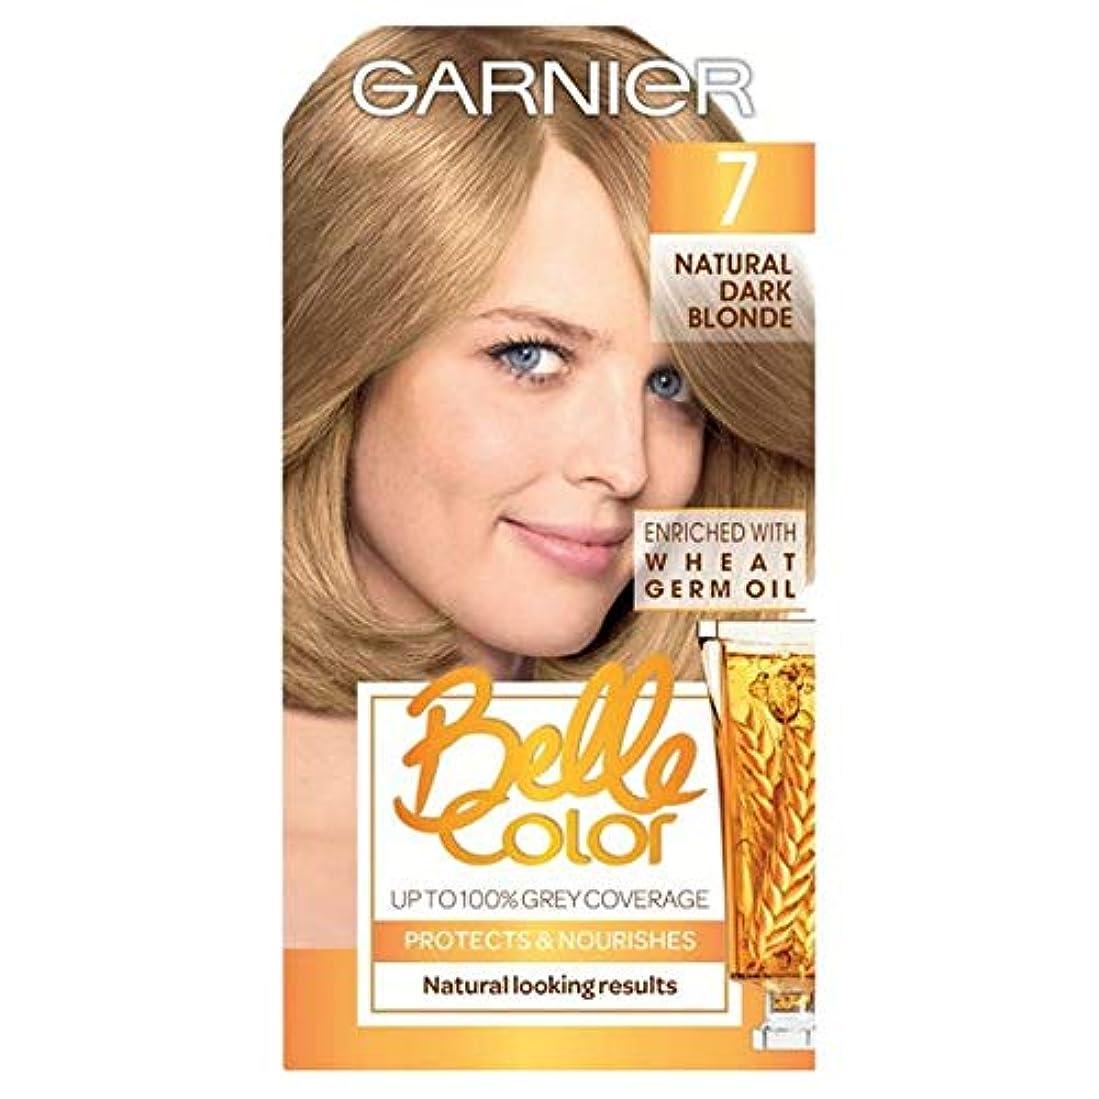 領事館はげ深める[Belle Color ] ガーン/ベル/Clr 7ナチュラルダークブロンドパーマネントヘアダイ - Garn/Bel/Clr 7 Natural Dark Blonde Permanent Hair Dye [並行輸入品]